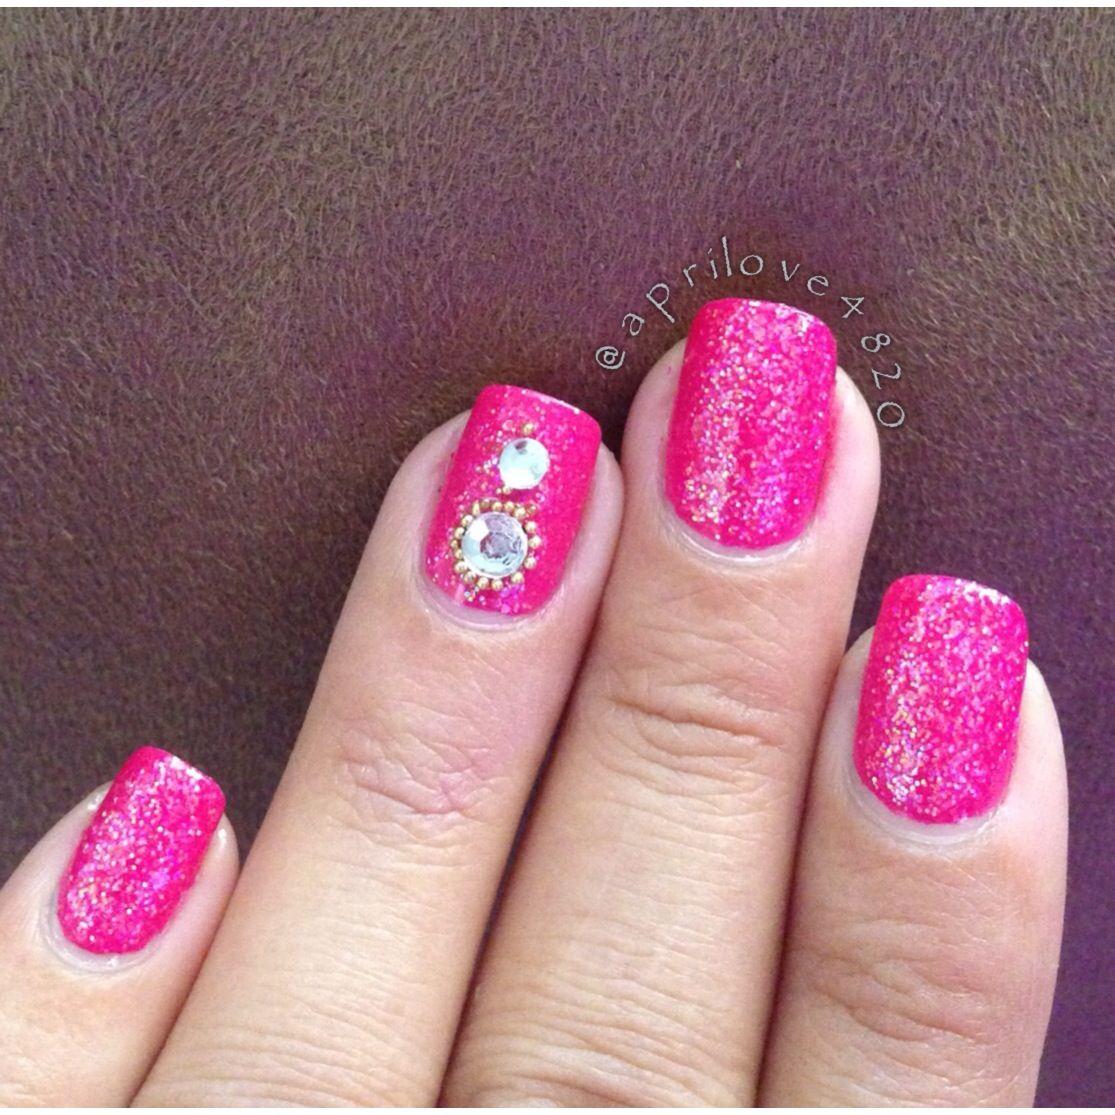 Girly Nails Pink Nails Glitter Nails Nails Nail Art Pink Nails